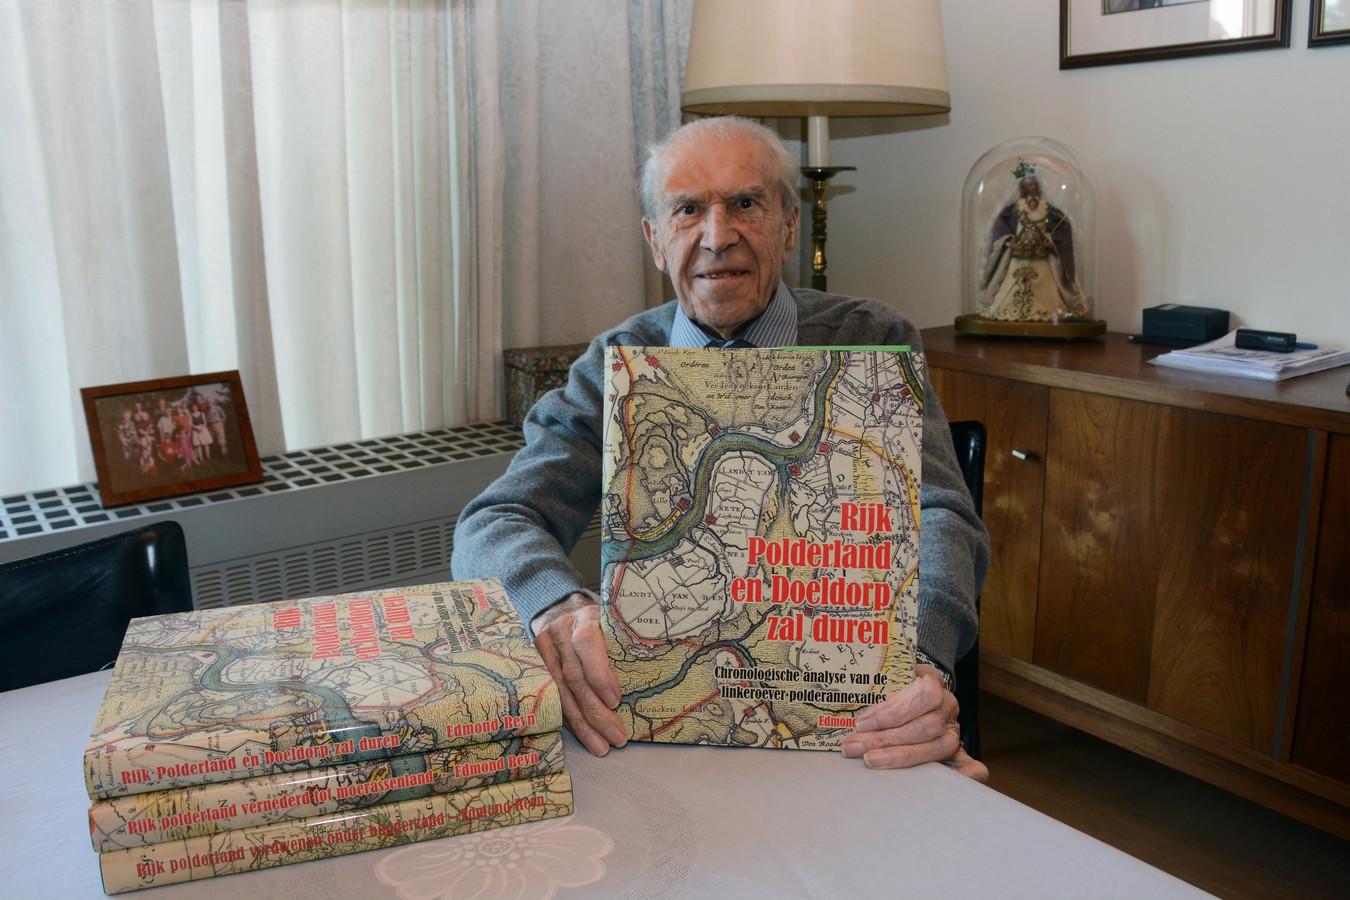 Edmond Reyn stelde anderhalf jaar geleden nog het laatste boek voor van een indrukwekkende trilogie over het ontstaan van de Waaslandhaven en de teloorgang van de polders.